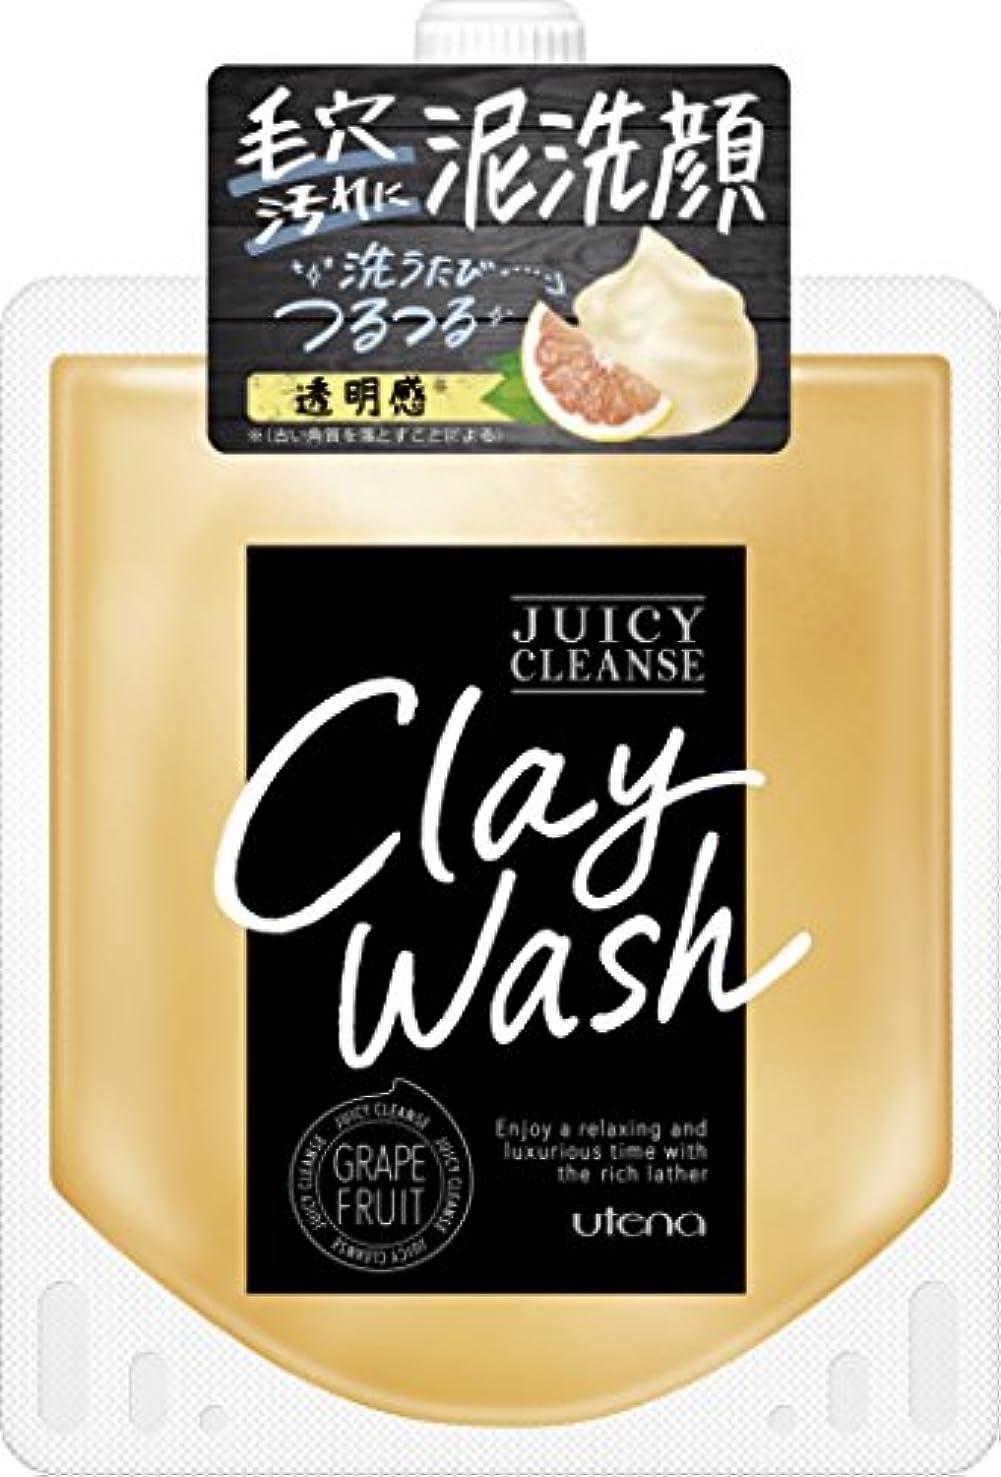 労苦膨らませる入るJUICY CLEANSE(ジューシィクレンズ) クレイウォッシュ グレープフルーツ 110g